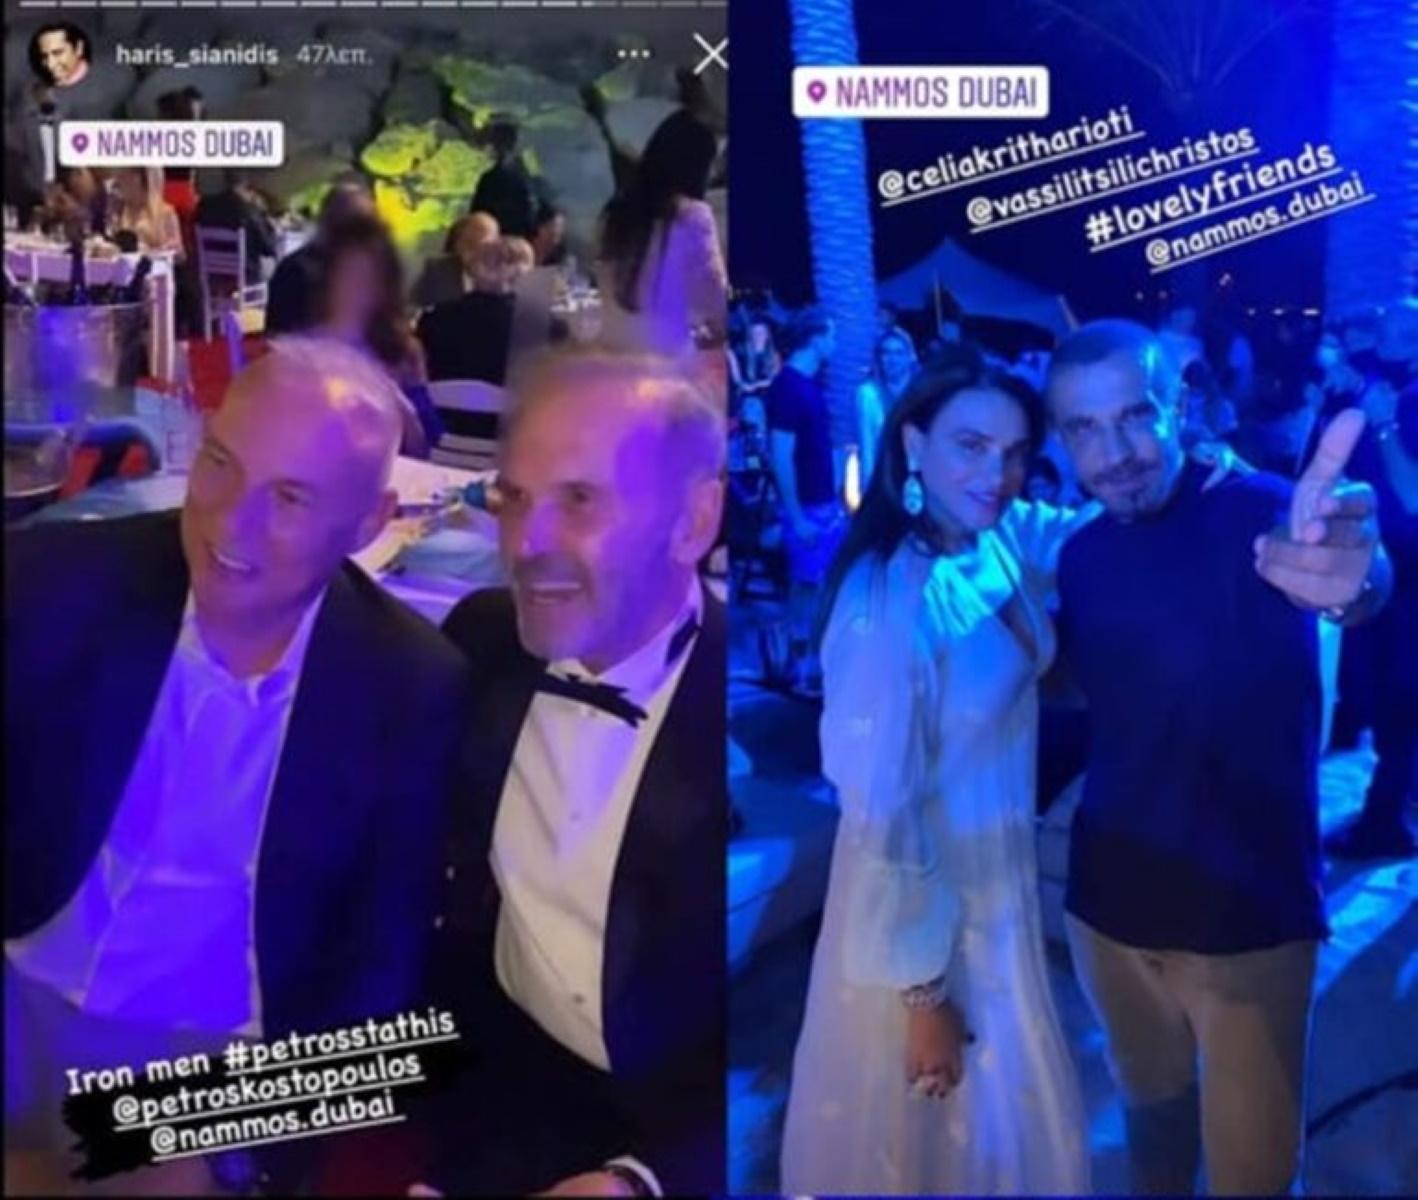 Αυστηροί έλεγχοι σε όσους επιστρέφουν από Ντουμπάι μετά τον χαμό από Έλληνες celebrities (pics)